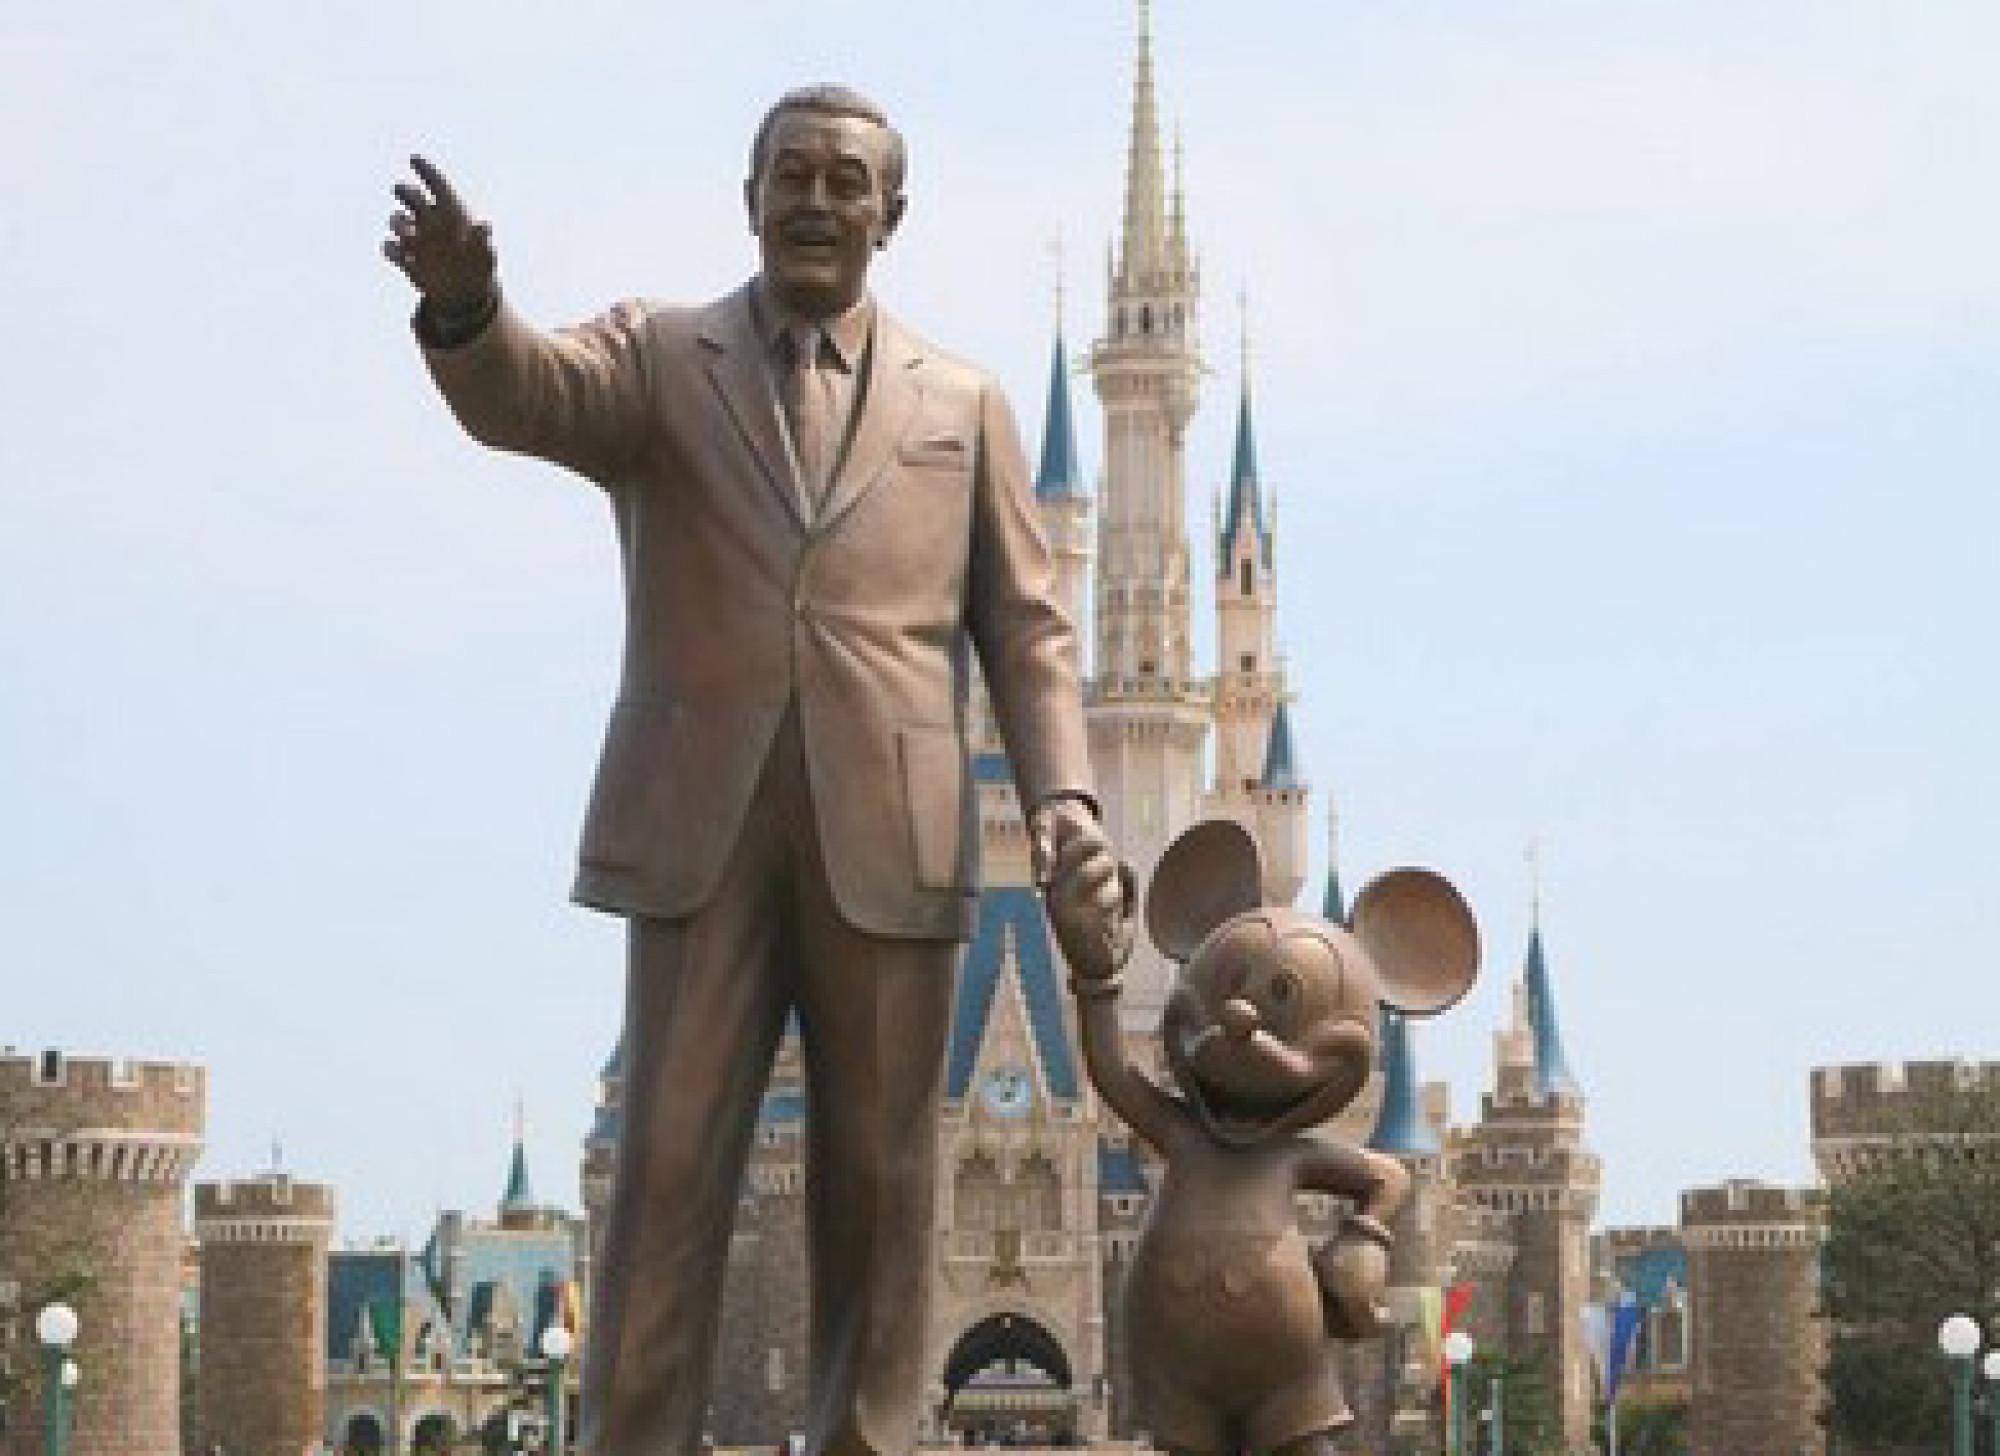 ウォルト・ディズニーとミッキー・マウスの銅像